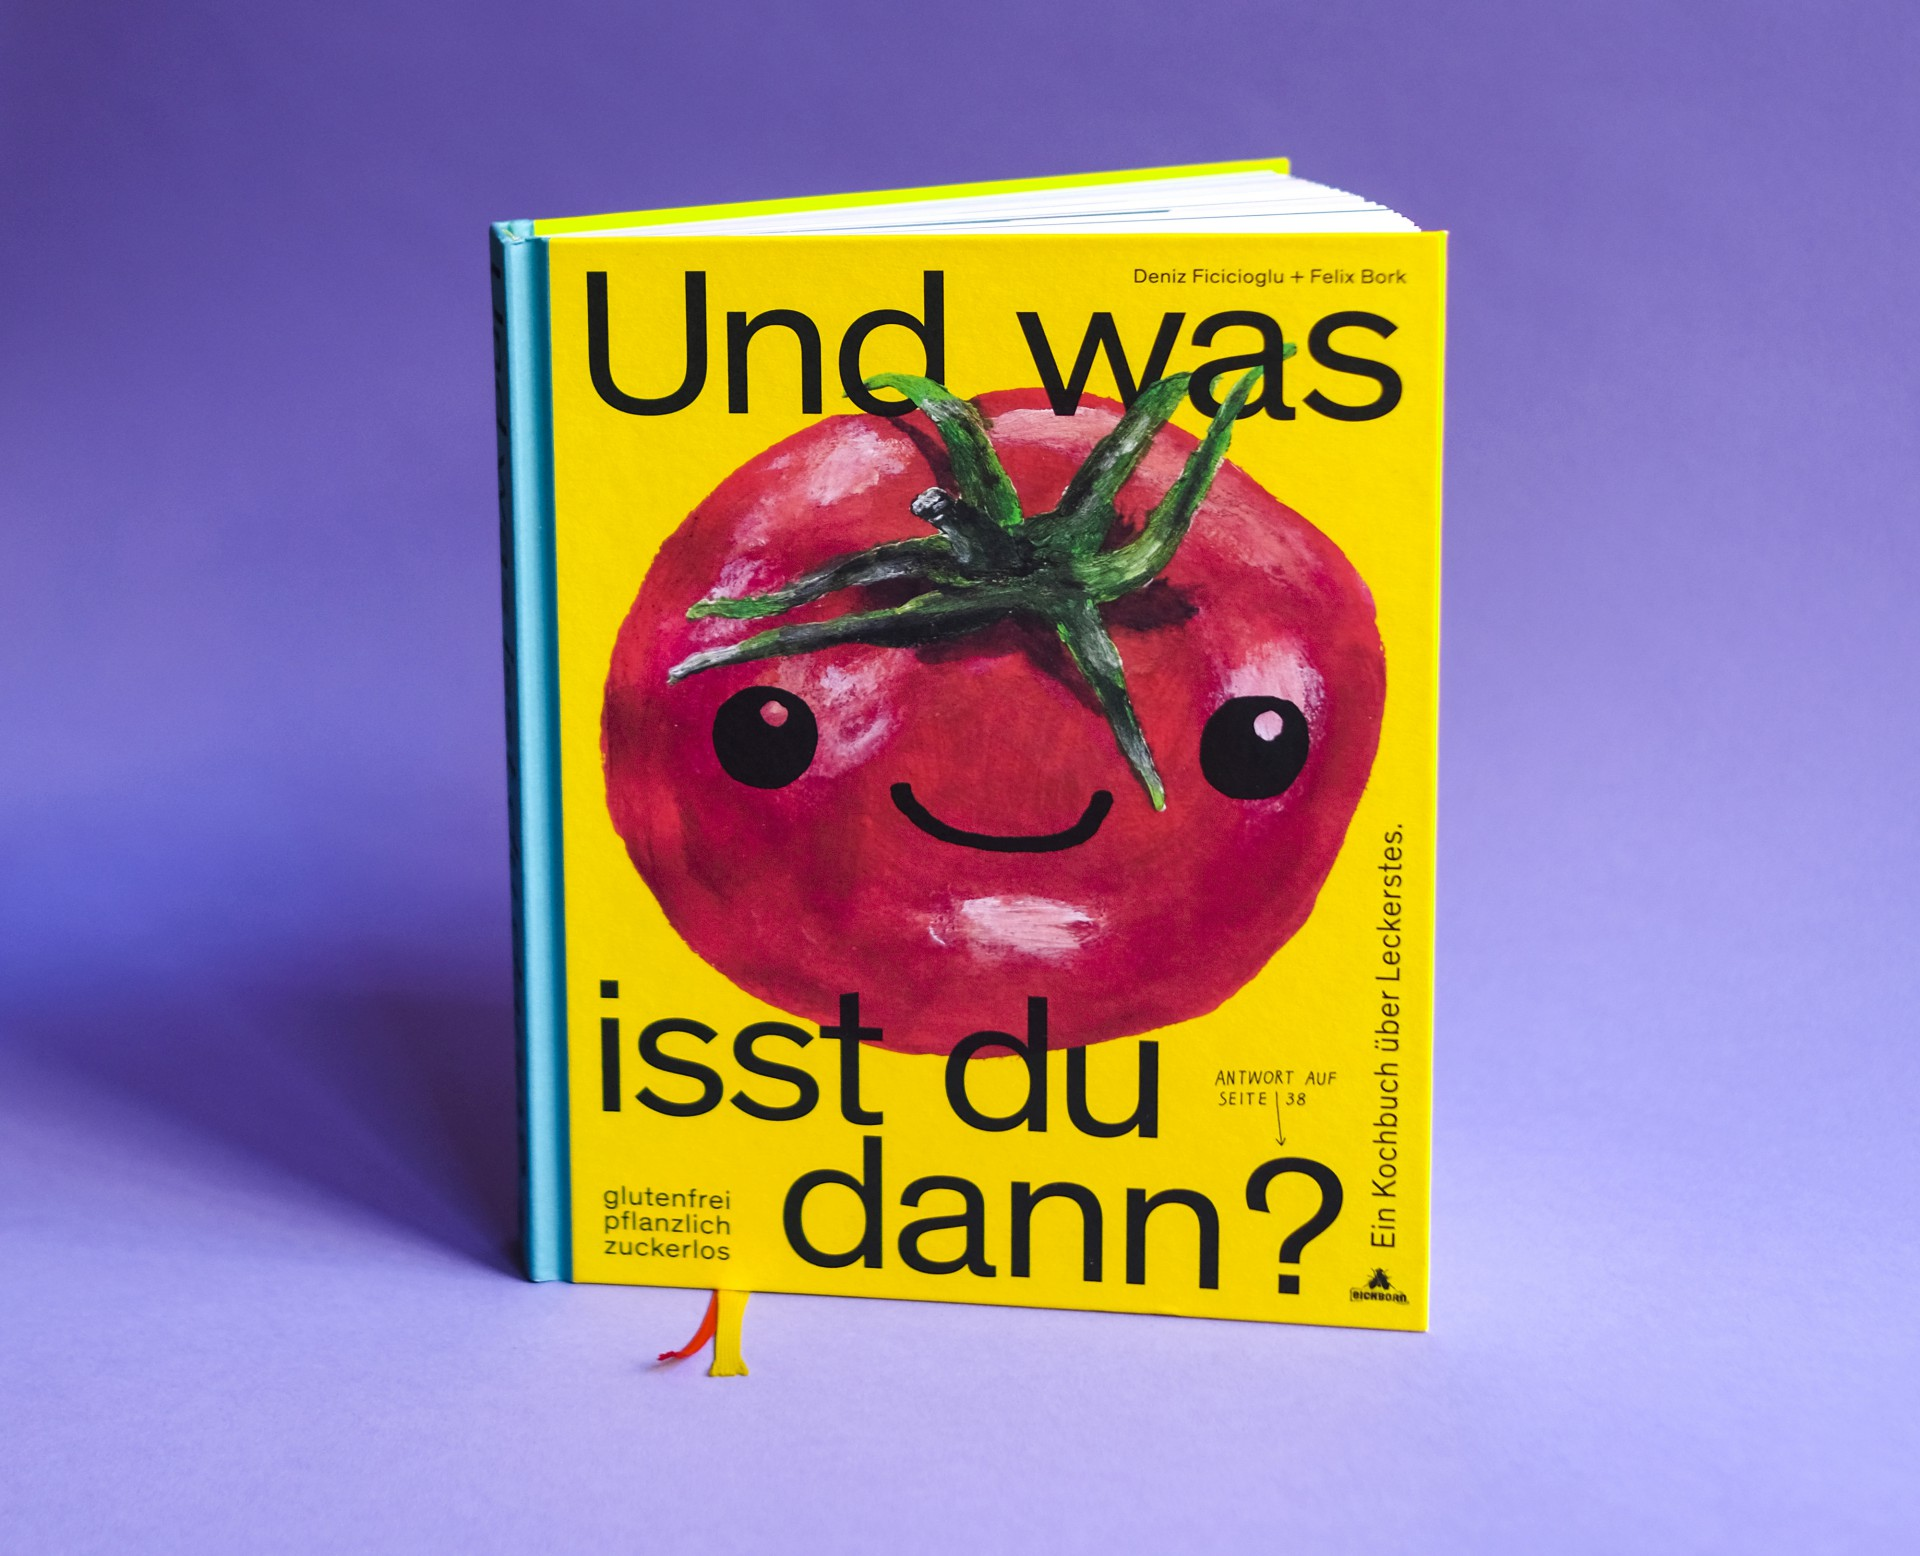 Felix Bork Und was isst du dann?